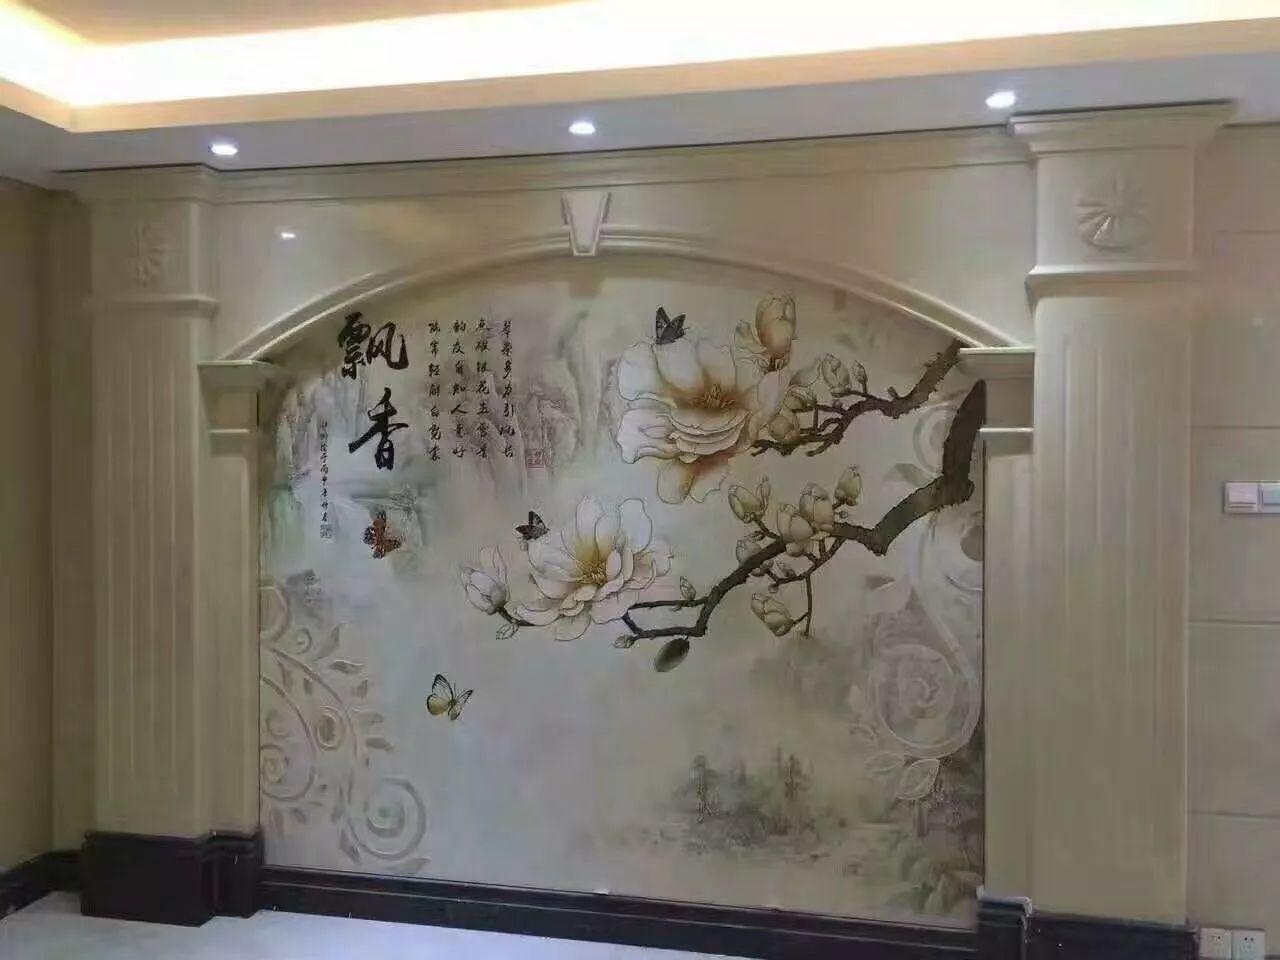 南昌盛福香江门市,电视背景墙壁纸优势介绍